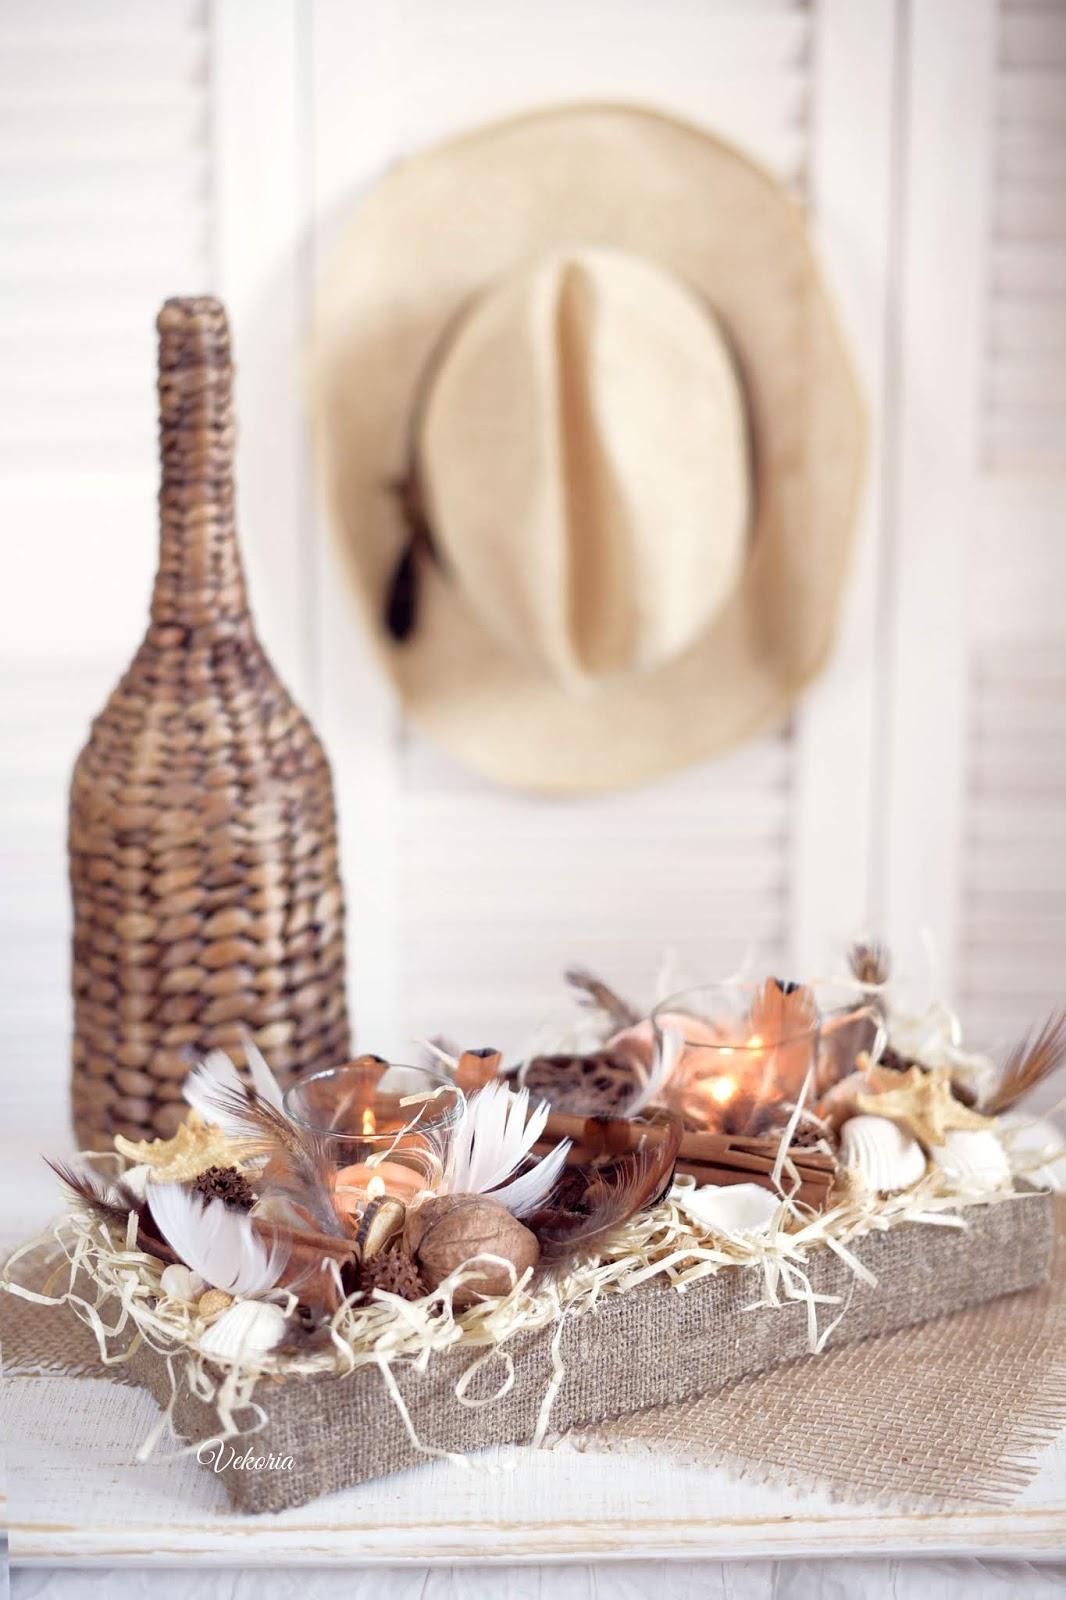 arrangement natural materials buy \ композиция натуральные материалы купить